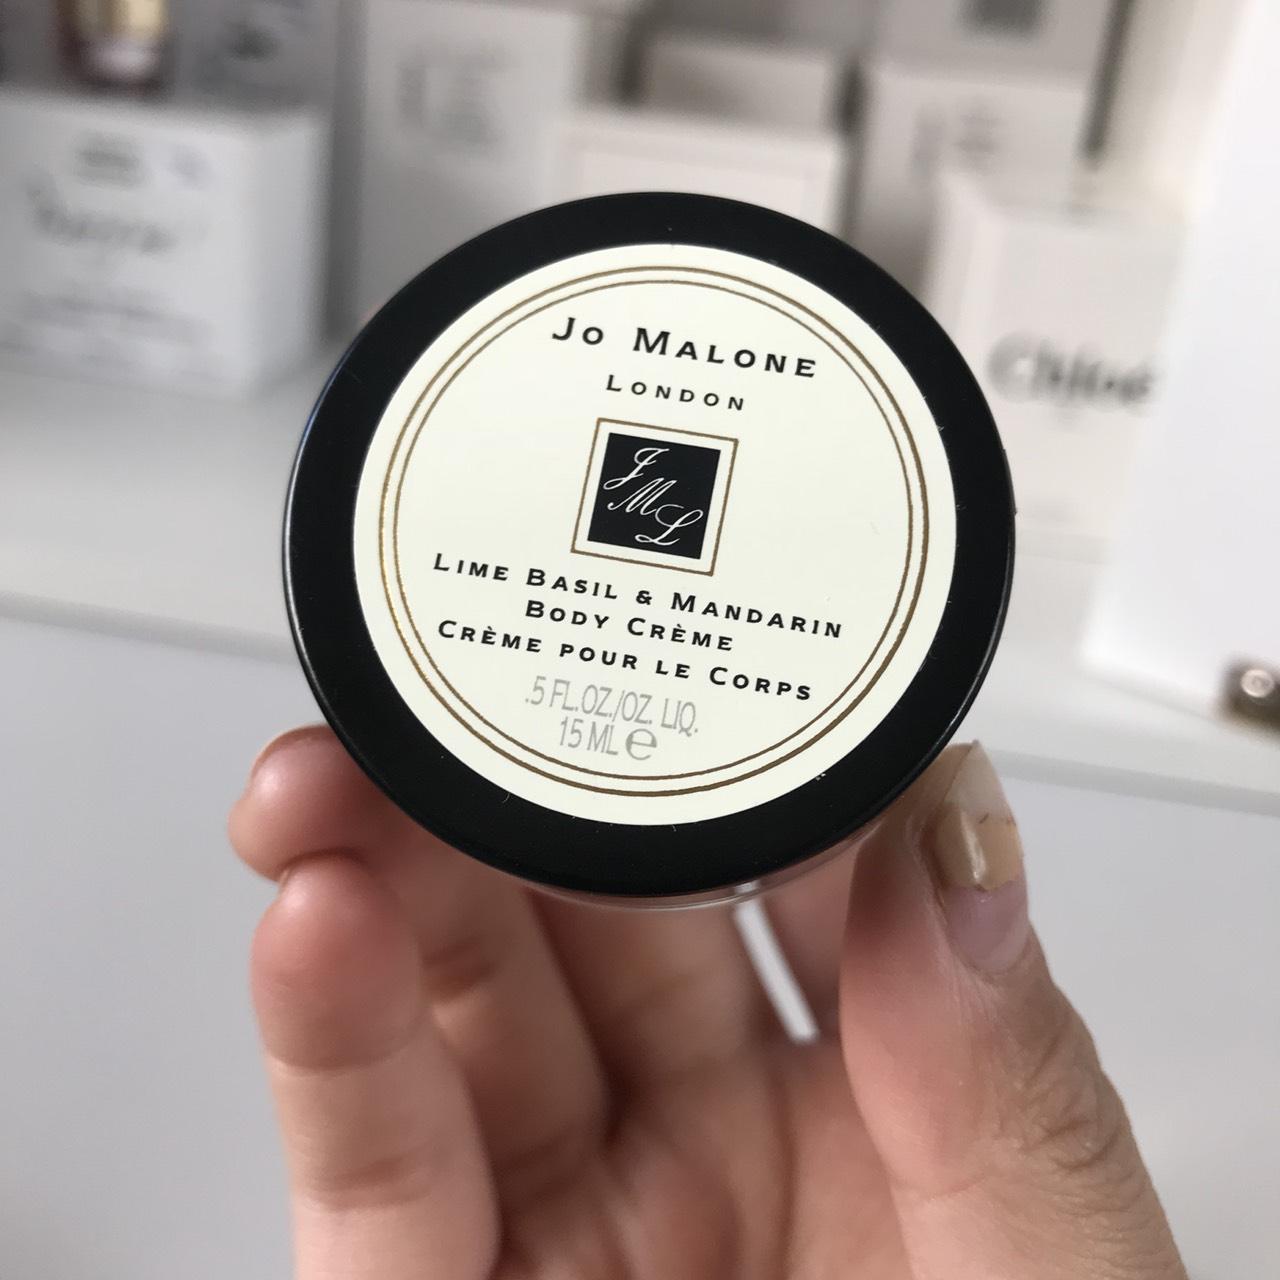 โลชั่น Jo Malone กลิ่น Lime Basil & Mandarin Cologne ขนาด 15ml.